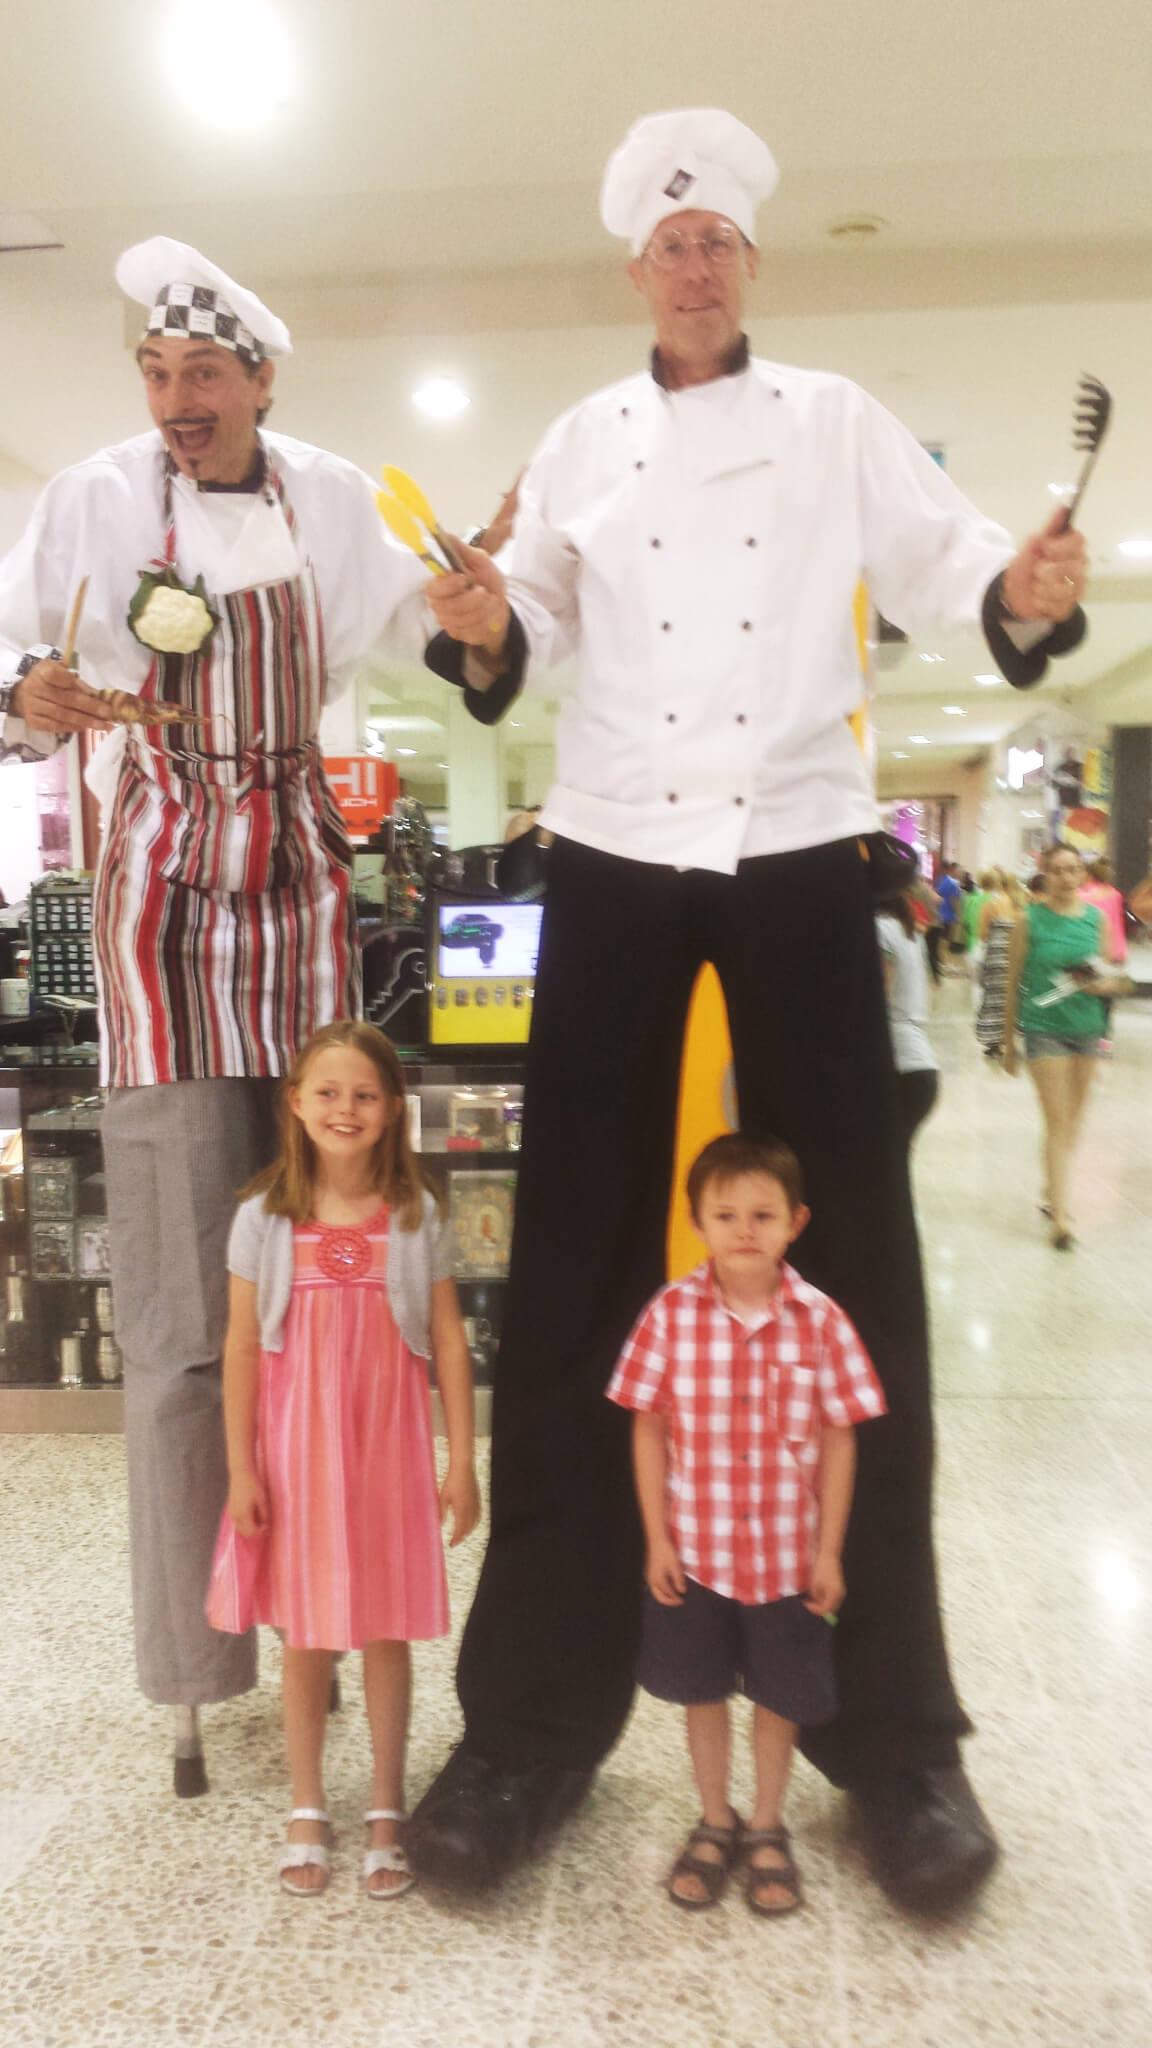 Italian waiters / chefs on stilts